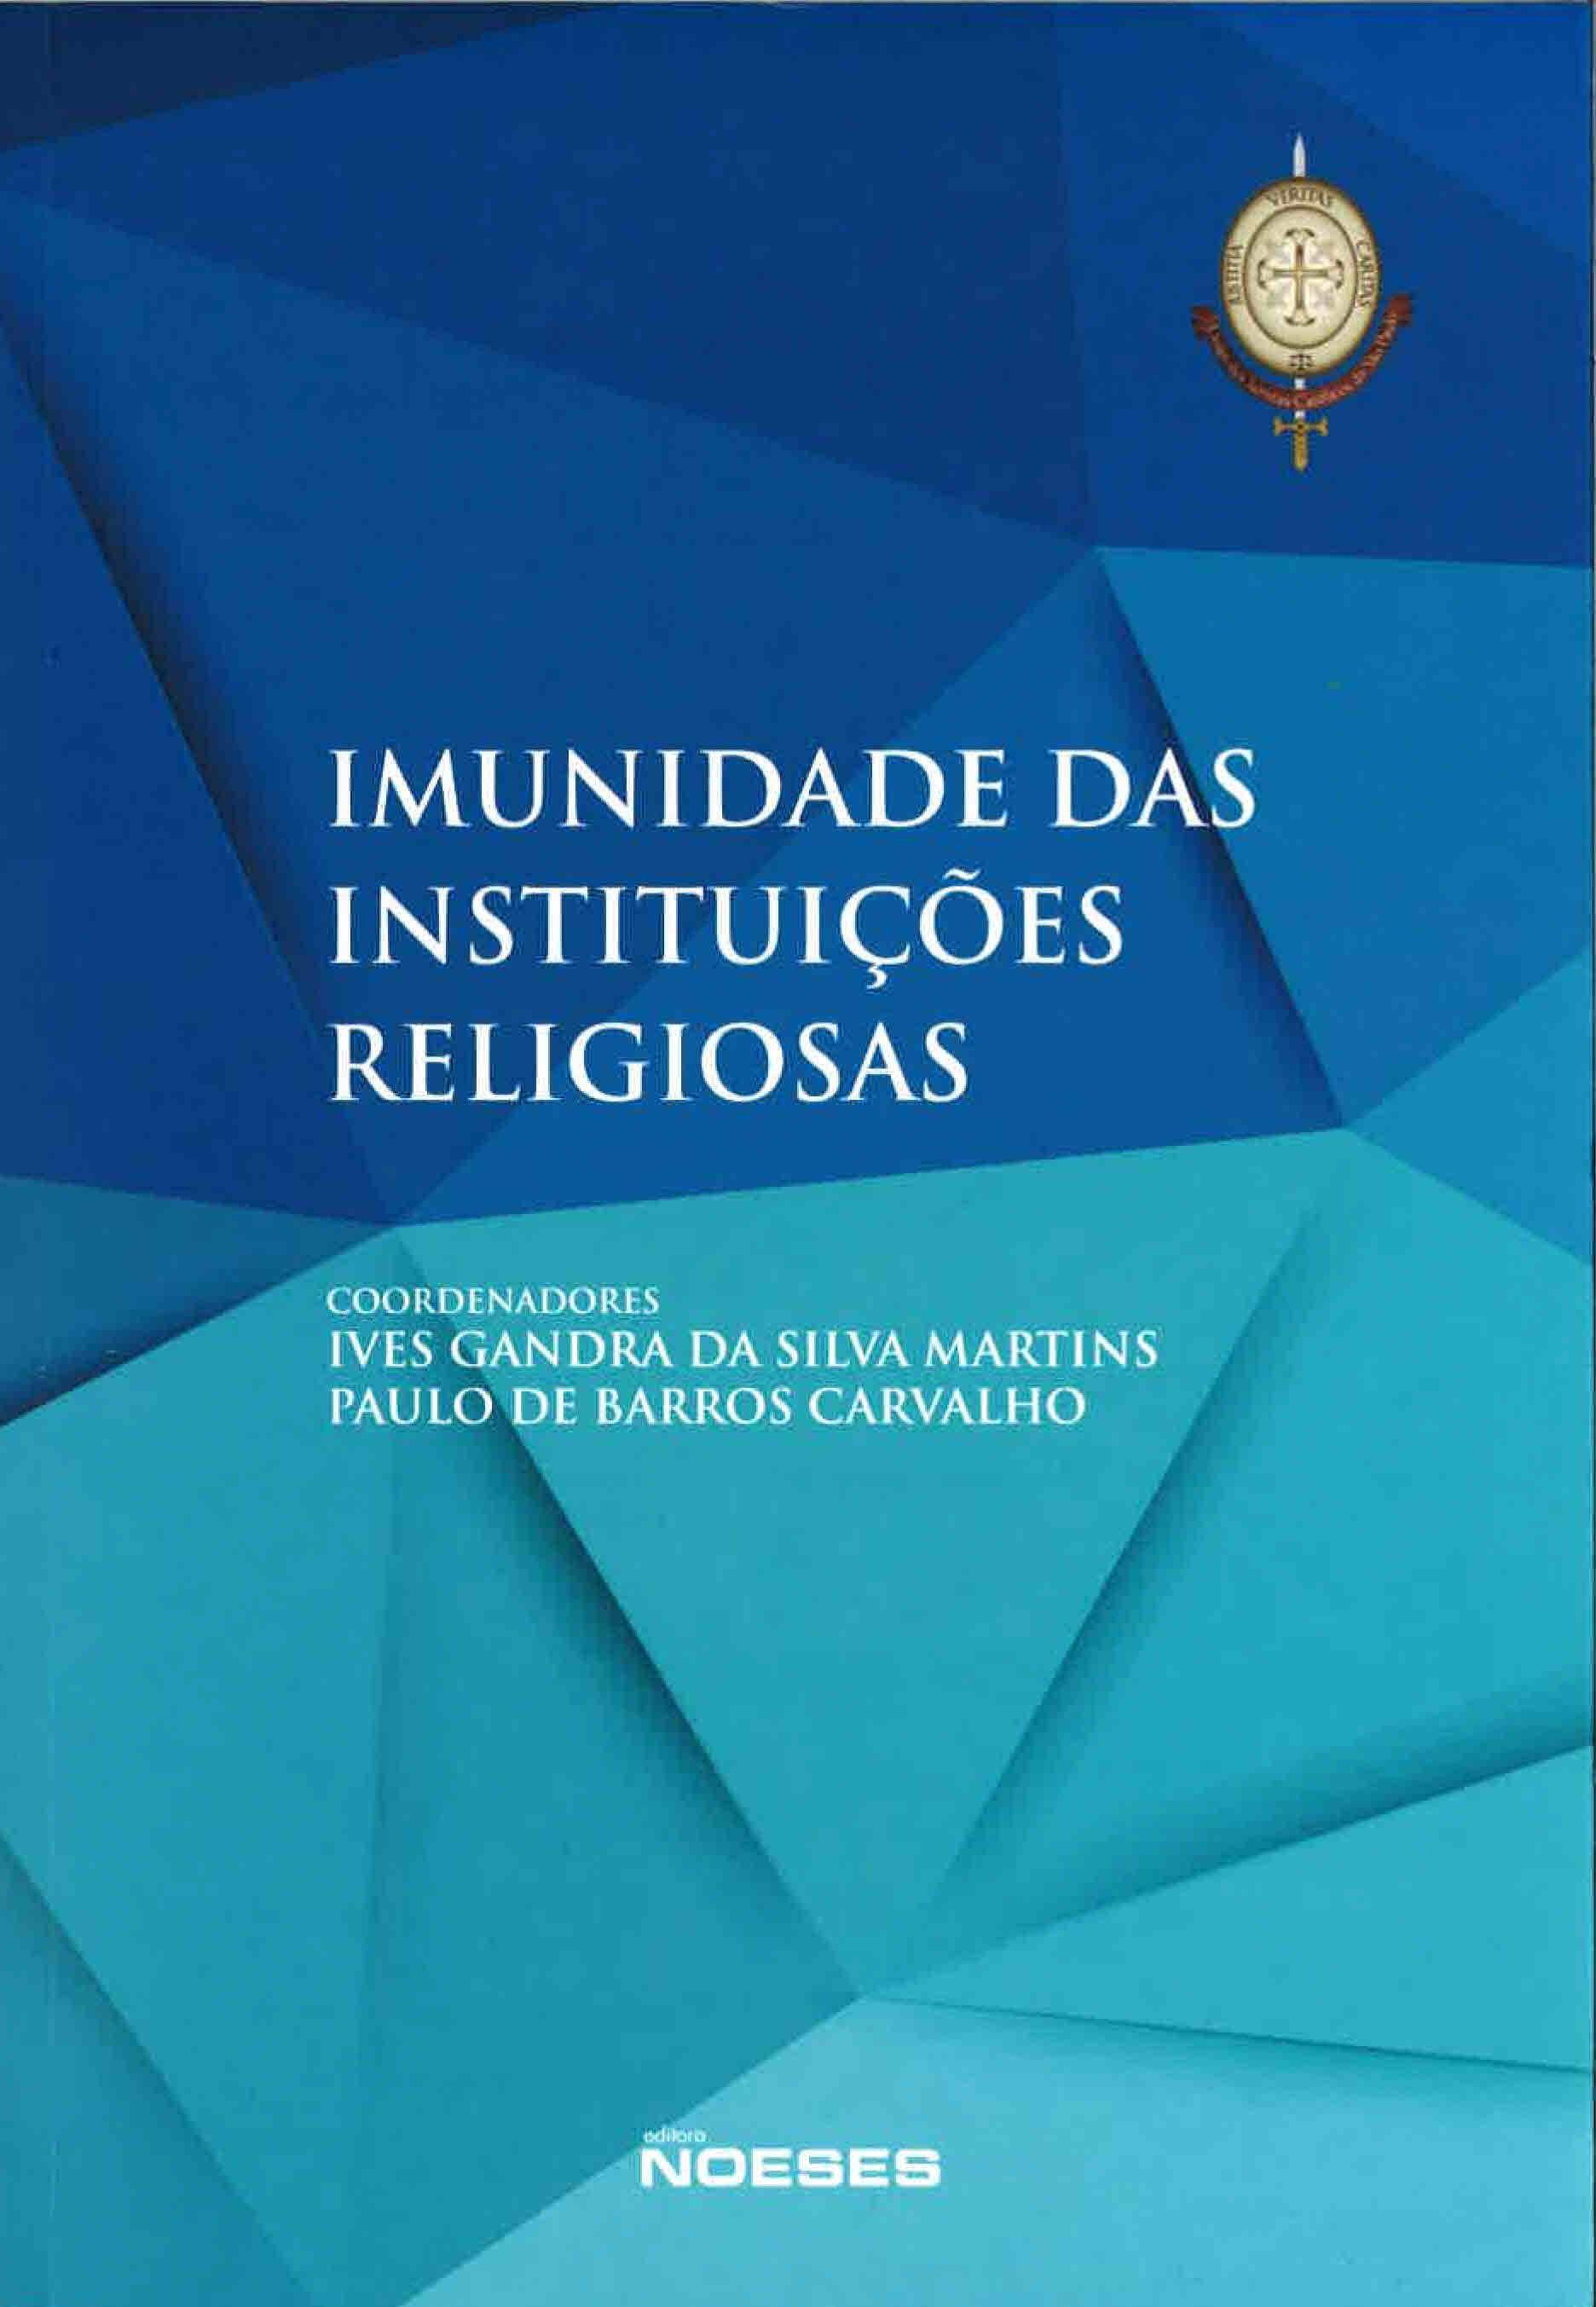 Imunidades das instituições religiosas